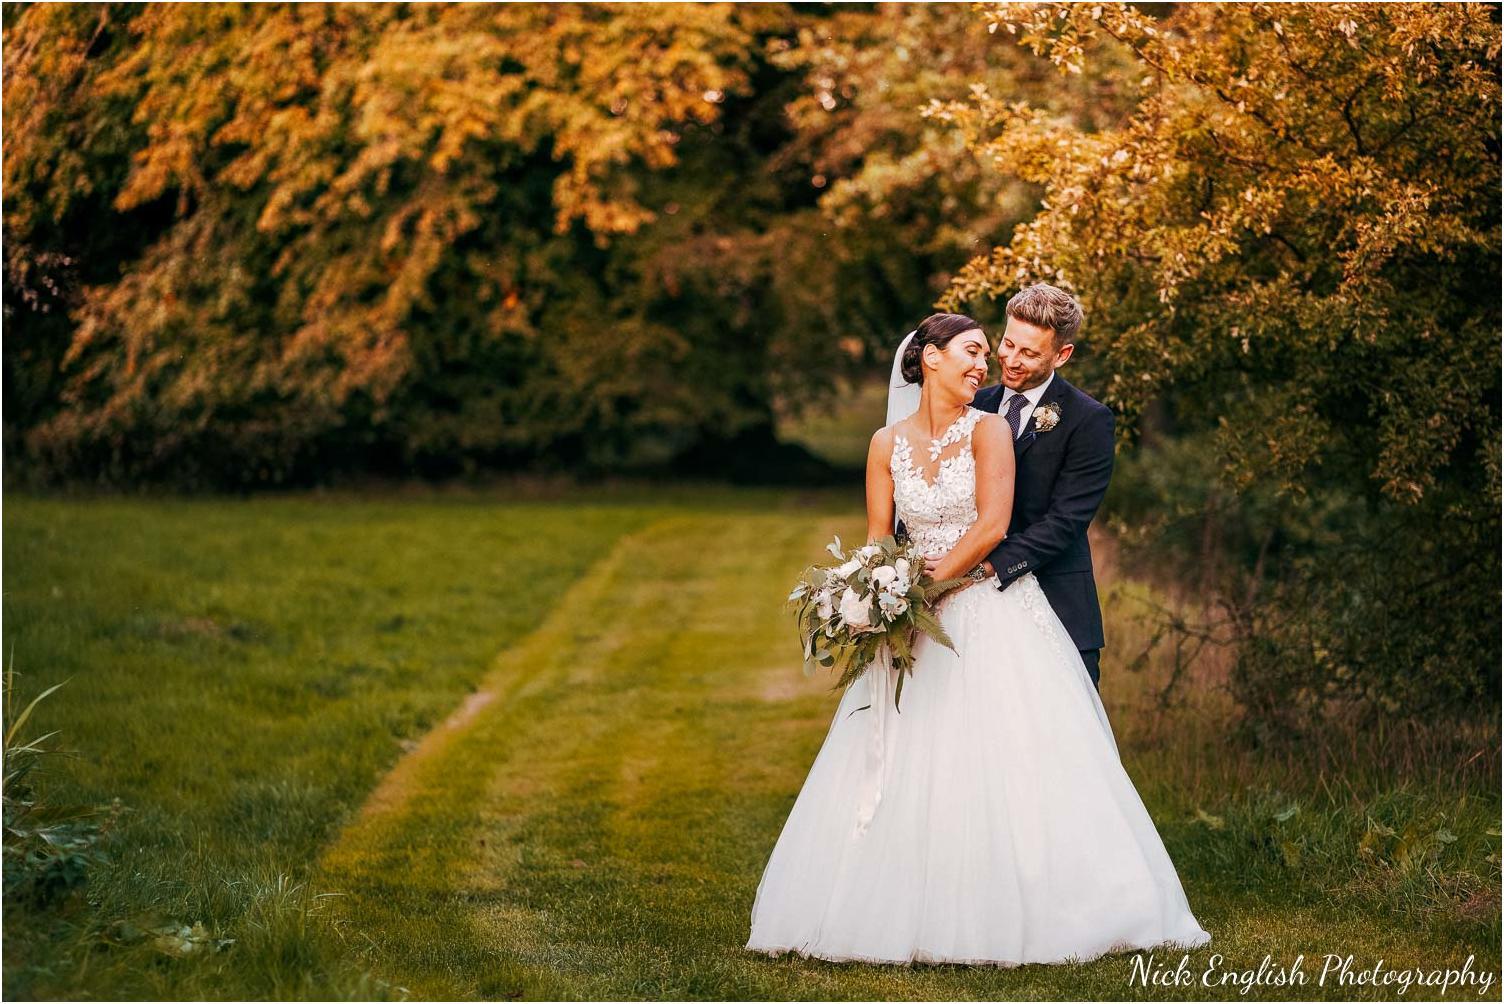 Browsholme_Hall_Barn_Wedding_Nick_English_Photography-174.jpg